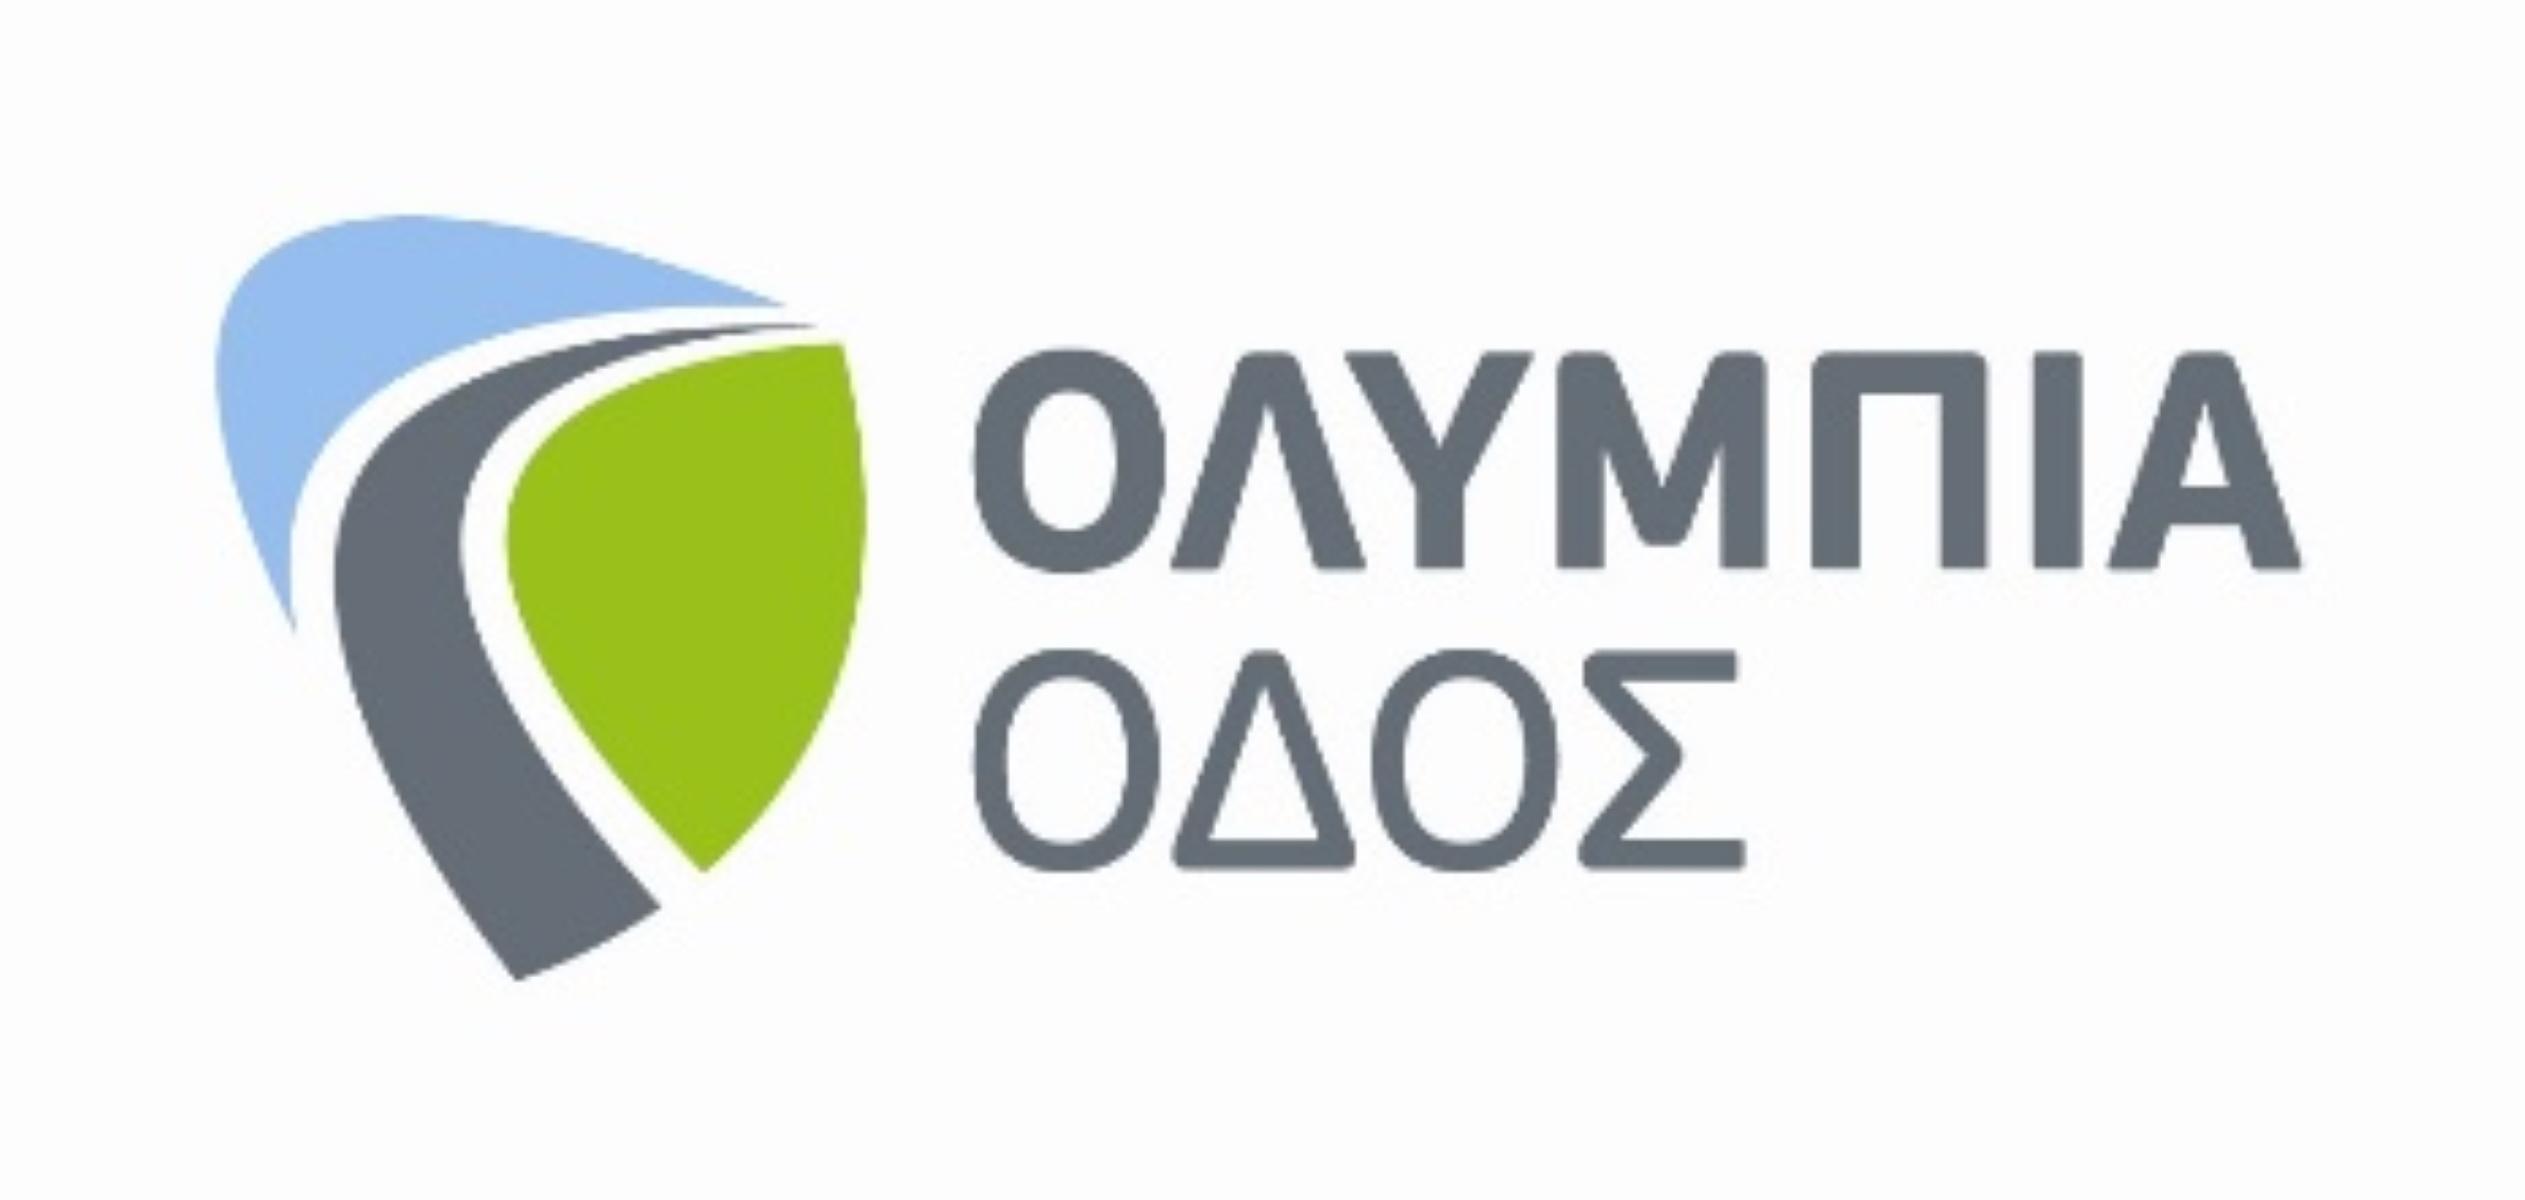 Ολυμπία Οδός: «Κερνάει» νερό τους ταξιδιώτες μέσα από το πρόγραμμα «Νερό από τον αέρα»